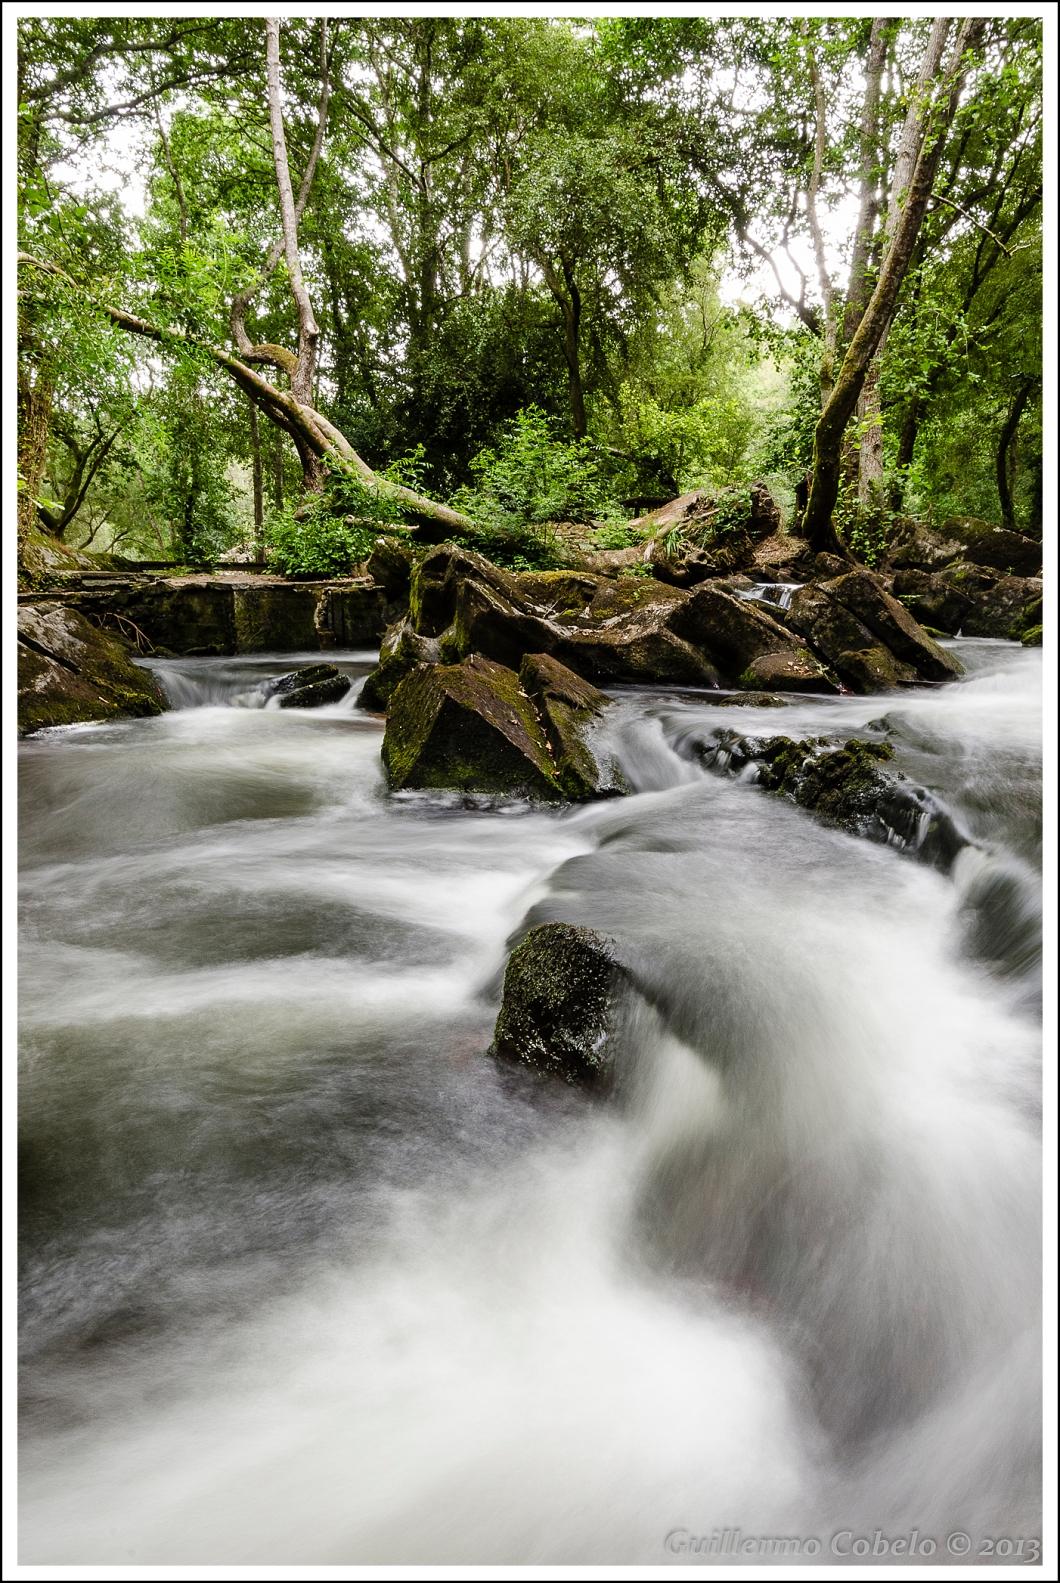 Río Anllons. Sitio en el que el hombre desvió el curso del río para aprovechar su fuerza en  los molinos.